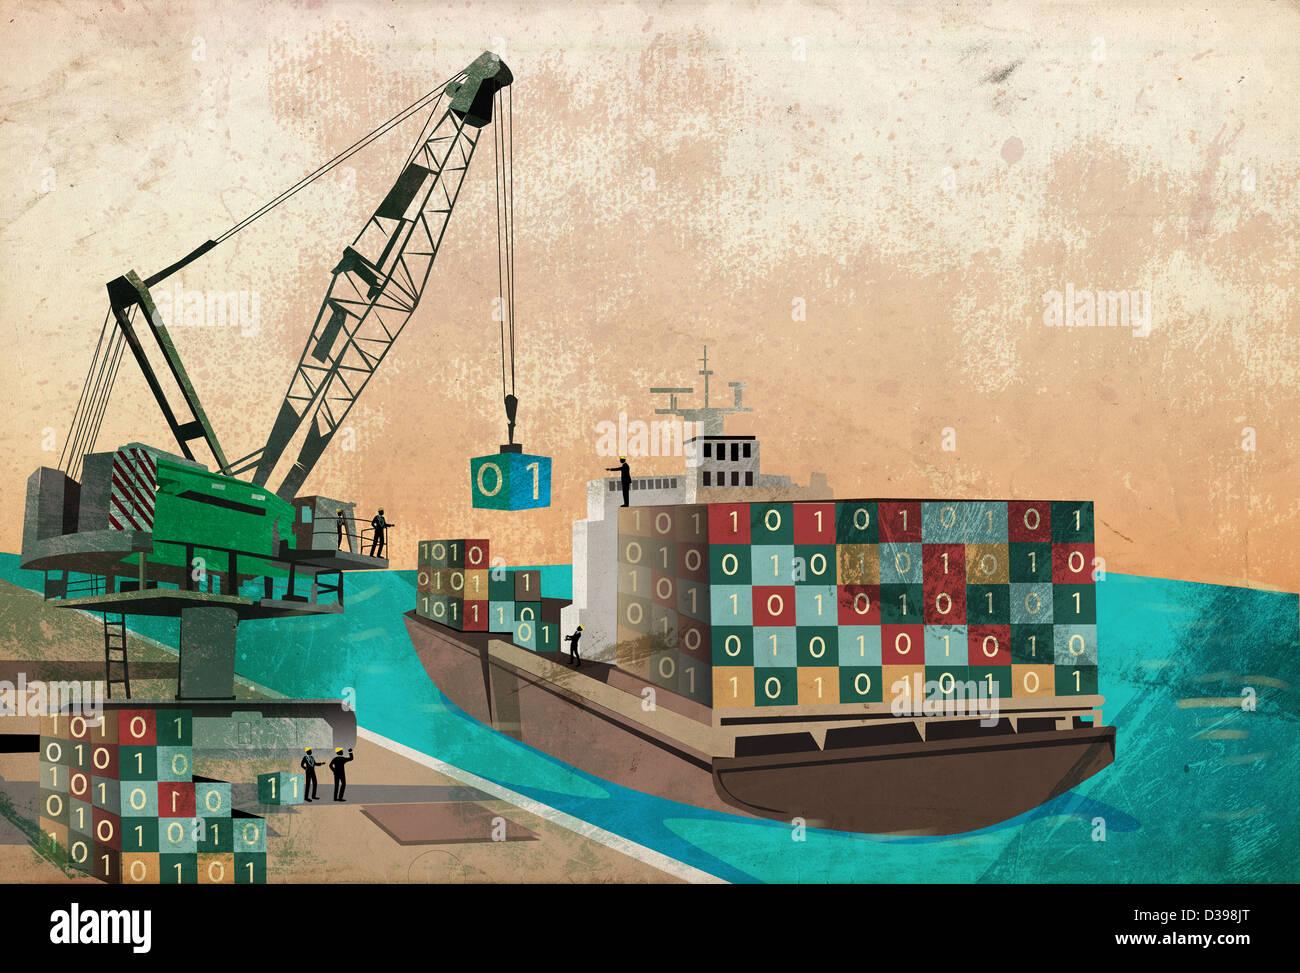 La industria naviera con la carga de contenedores de código binario en el barco que representa el concepto Imagen De Stock